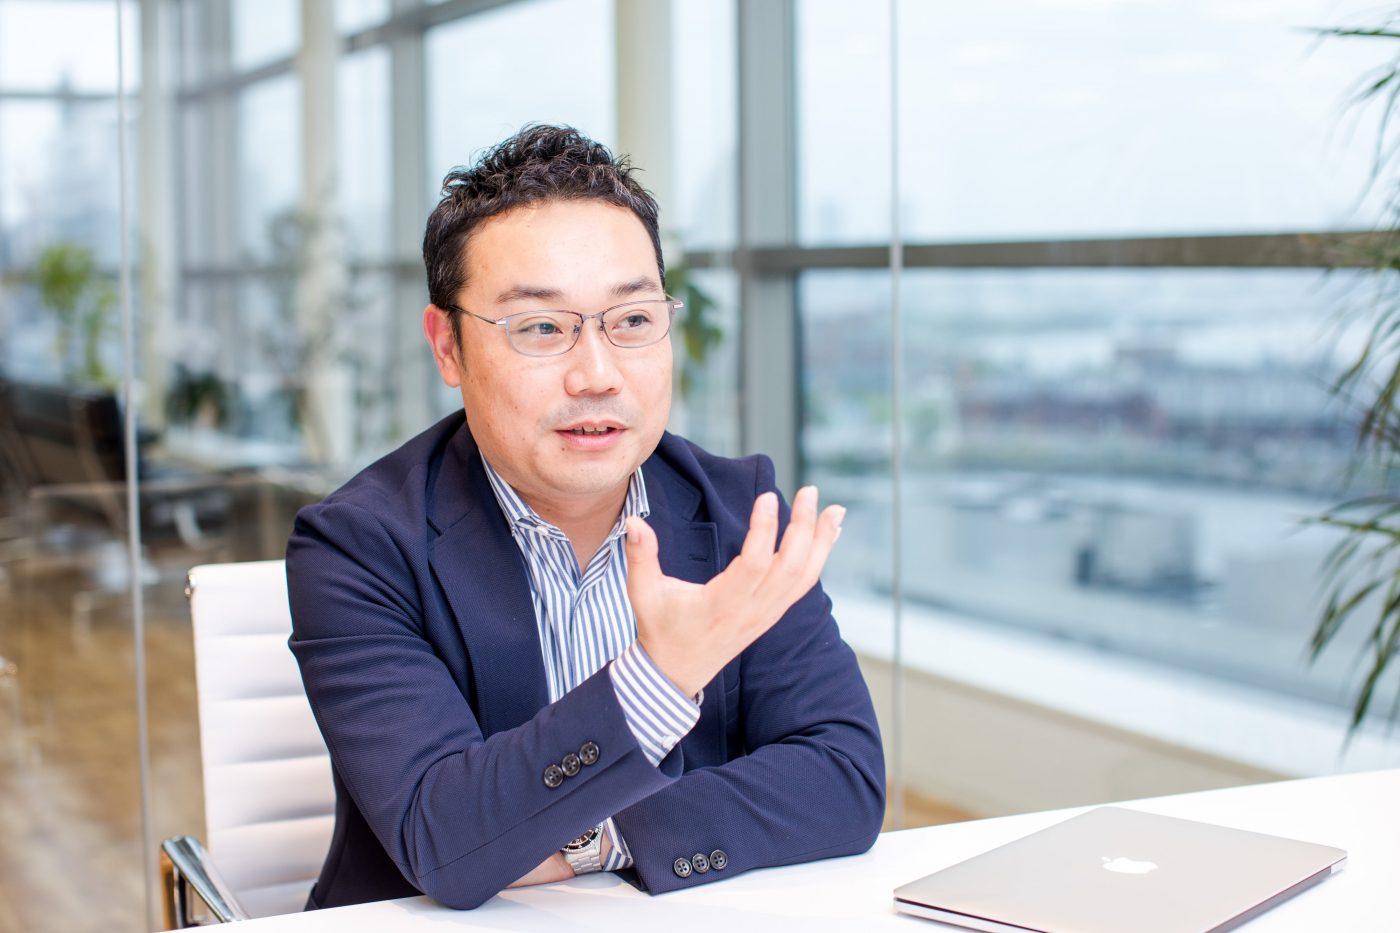 現在では社員数6,000人を超え、多くの人に知られる企業となったキーエンス。しかし、石原氏が入社を決めた当時は、まだ小規模の企業だったという。